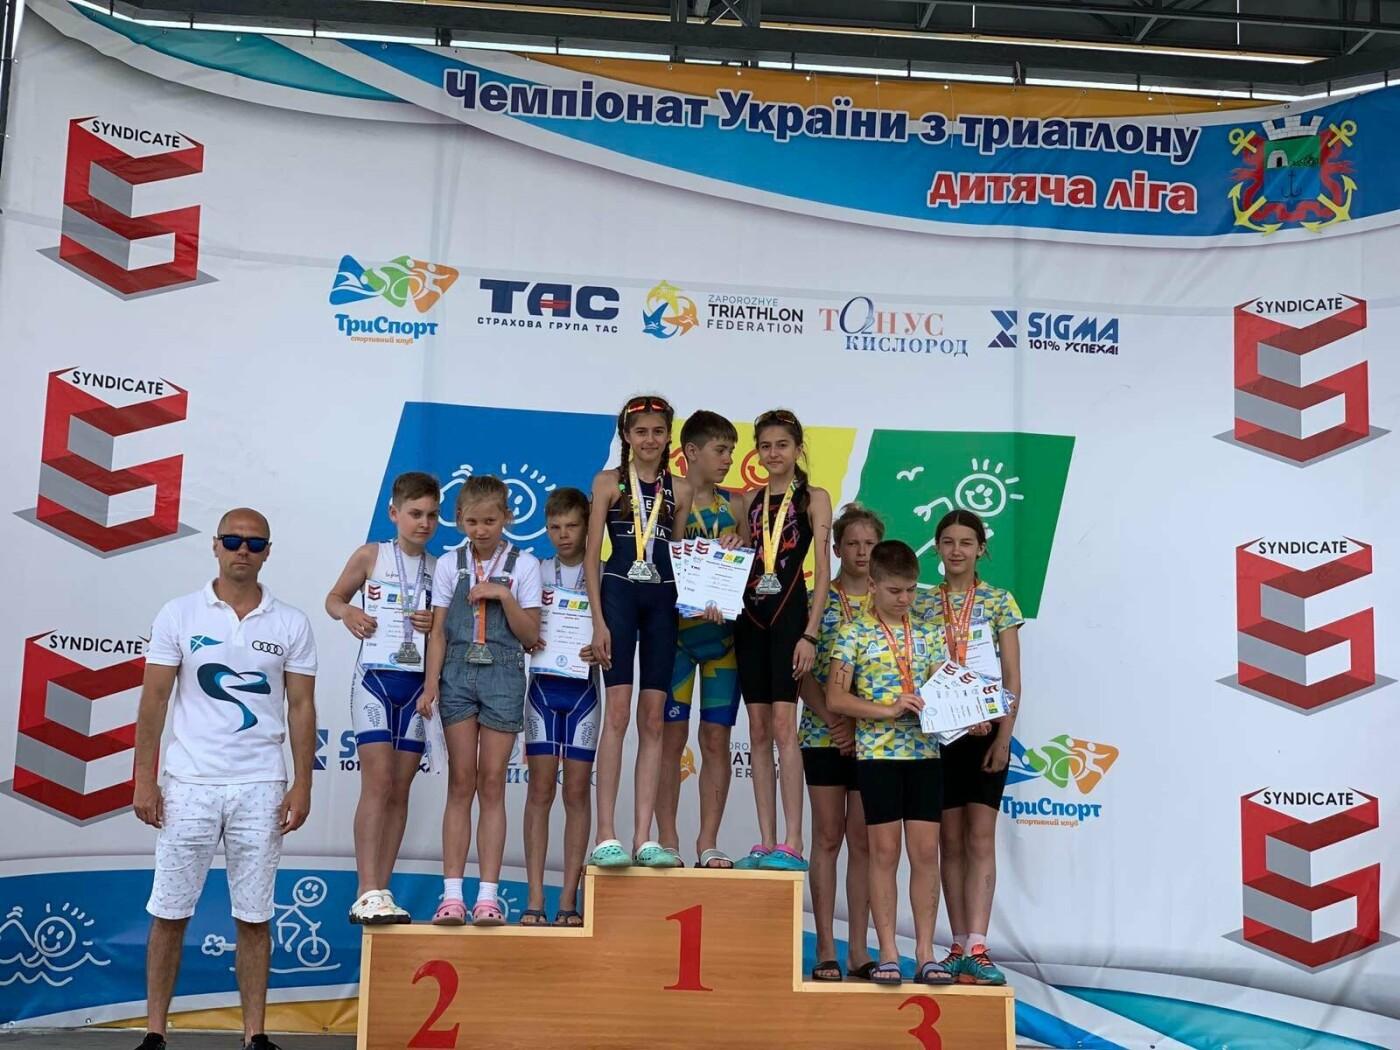 В Бердянске подвели итоги третьего этапа Чемпионата Украины по триатлону (ФОТО), фото-2